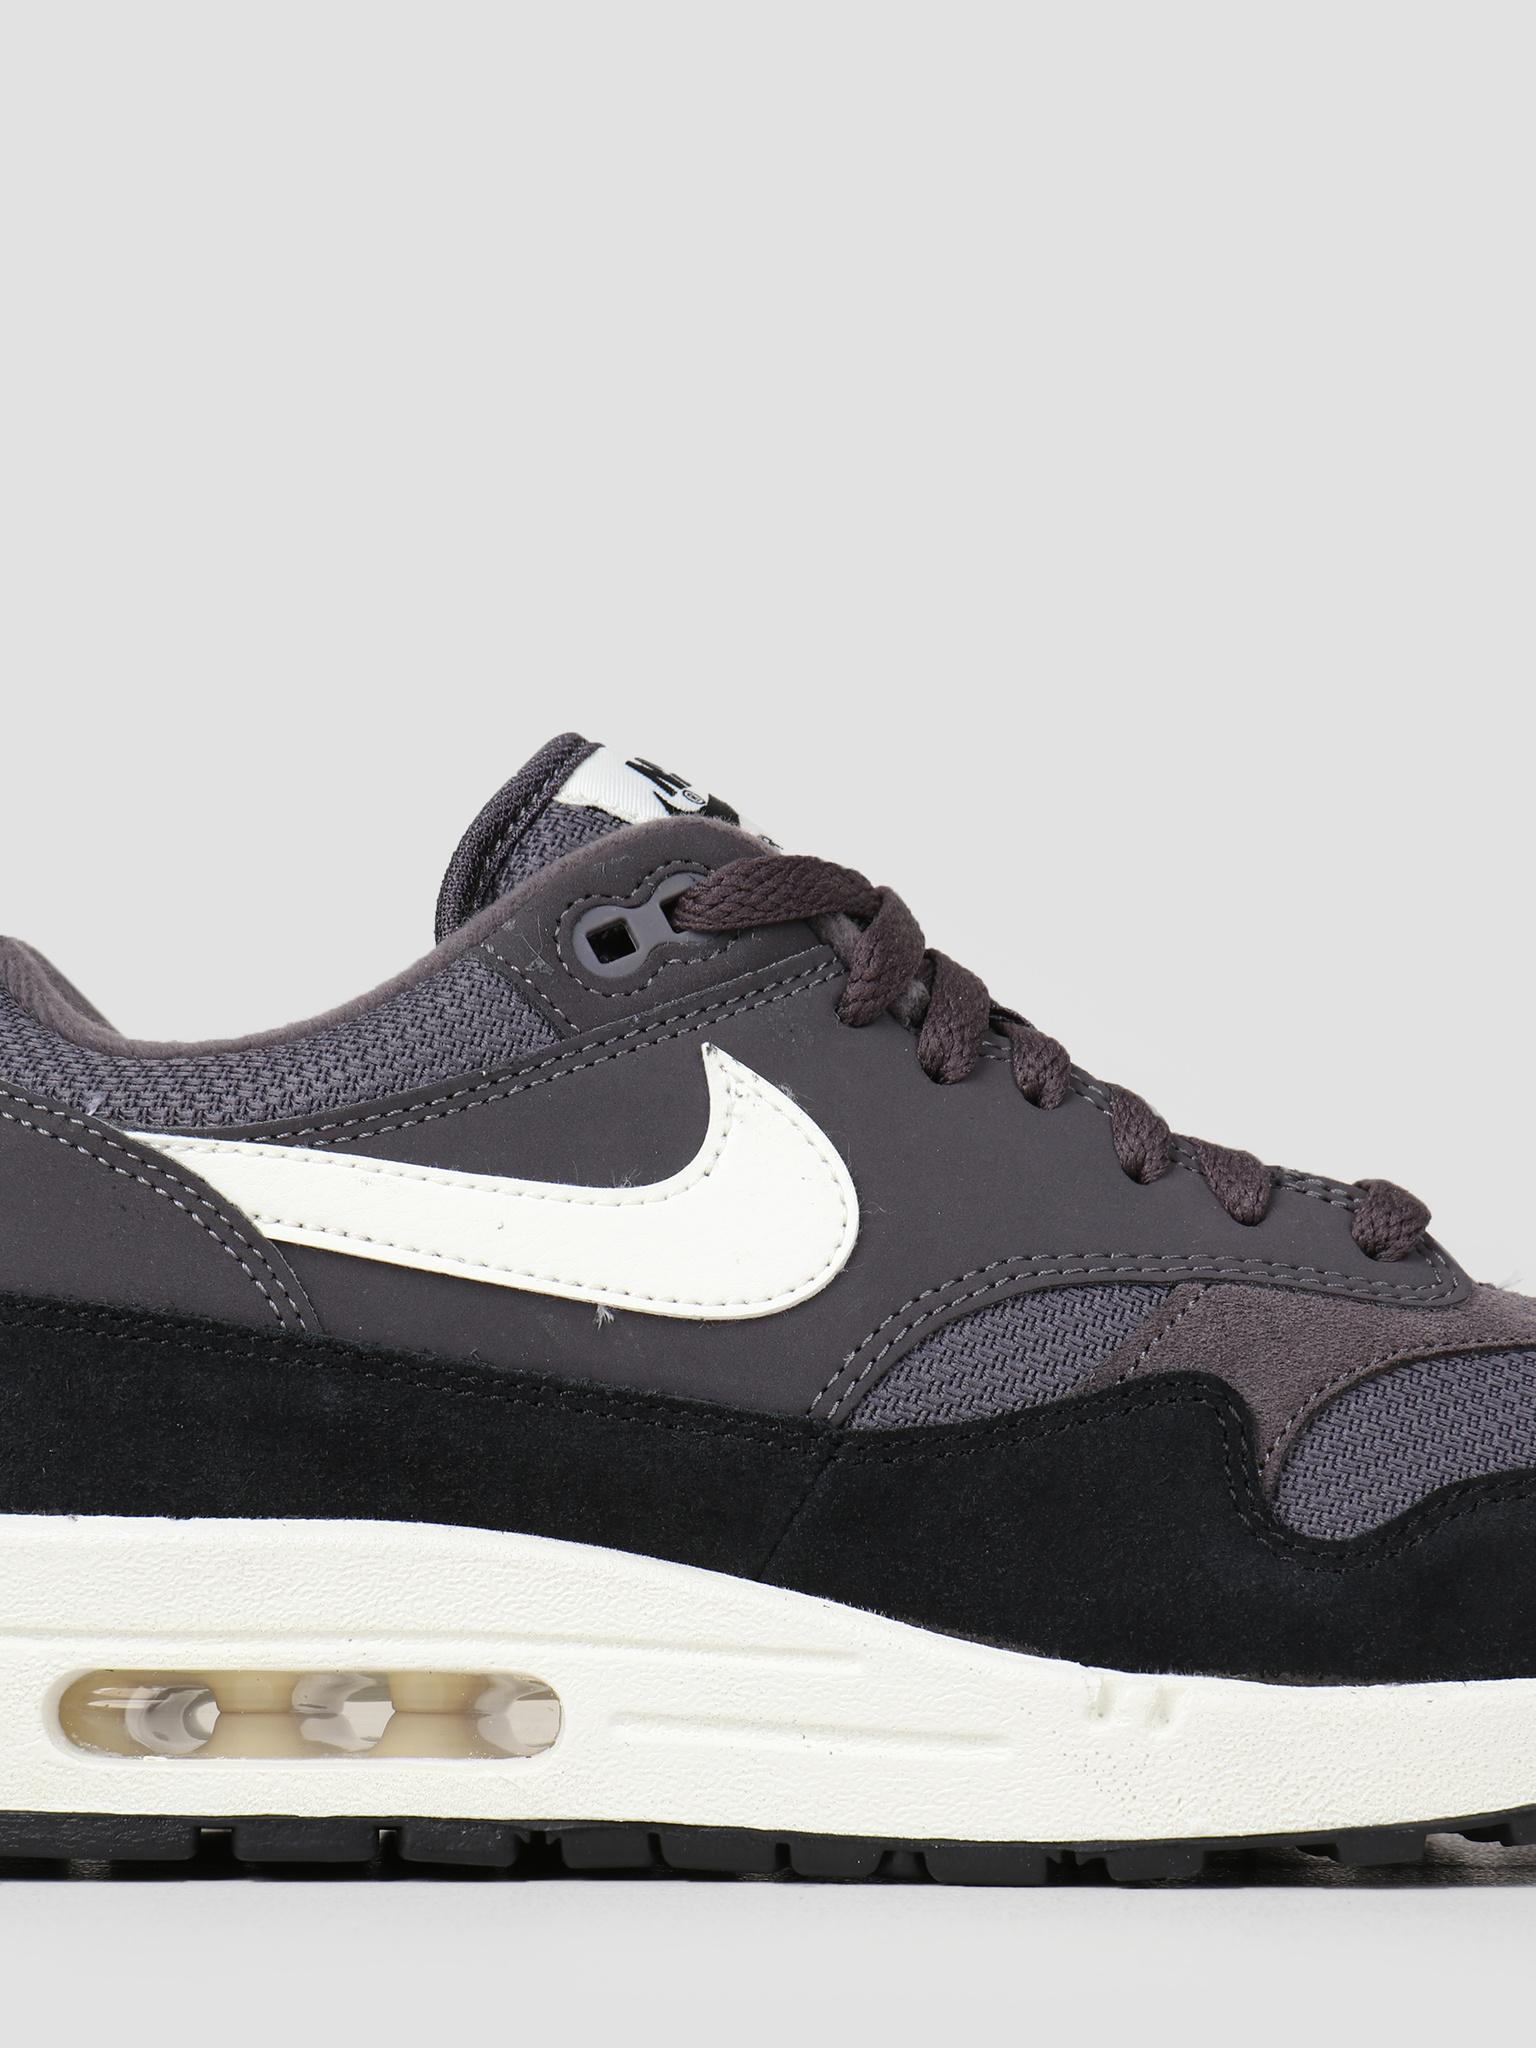 Nike Nike Air Max 1 Shoe Thunder Grey Sail-Sail-Black Ah8145-012